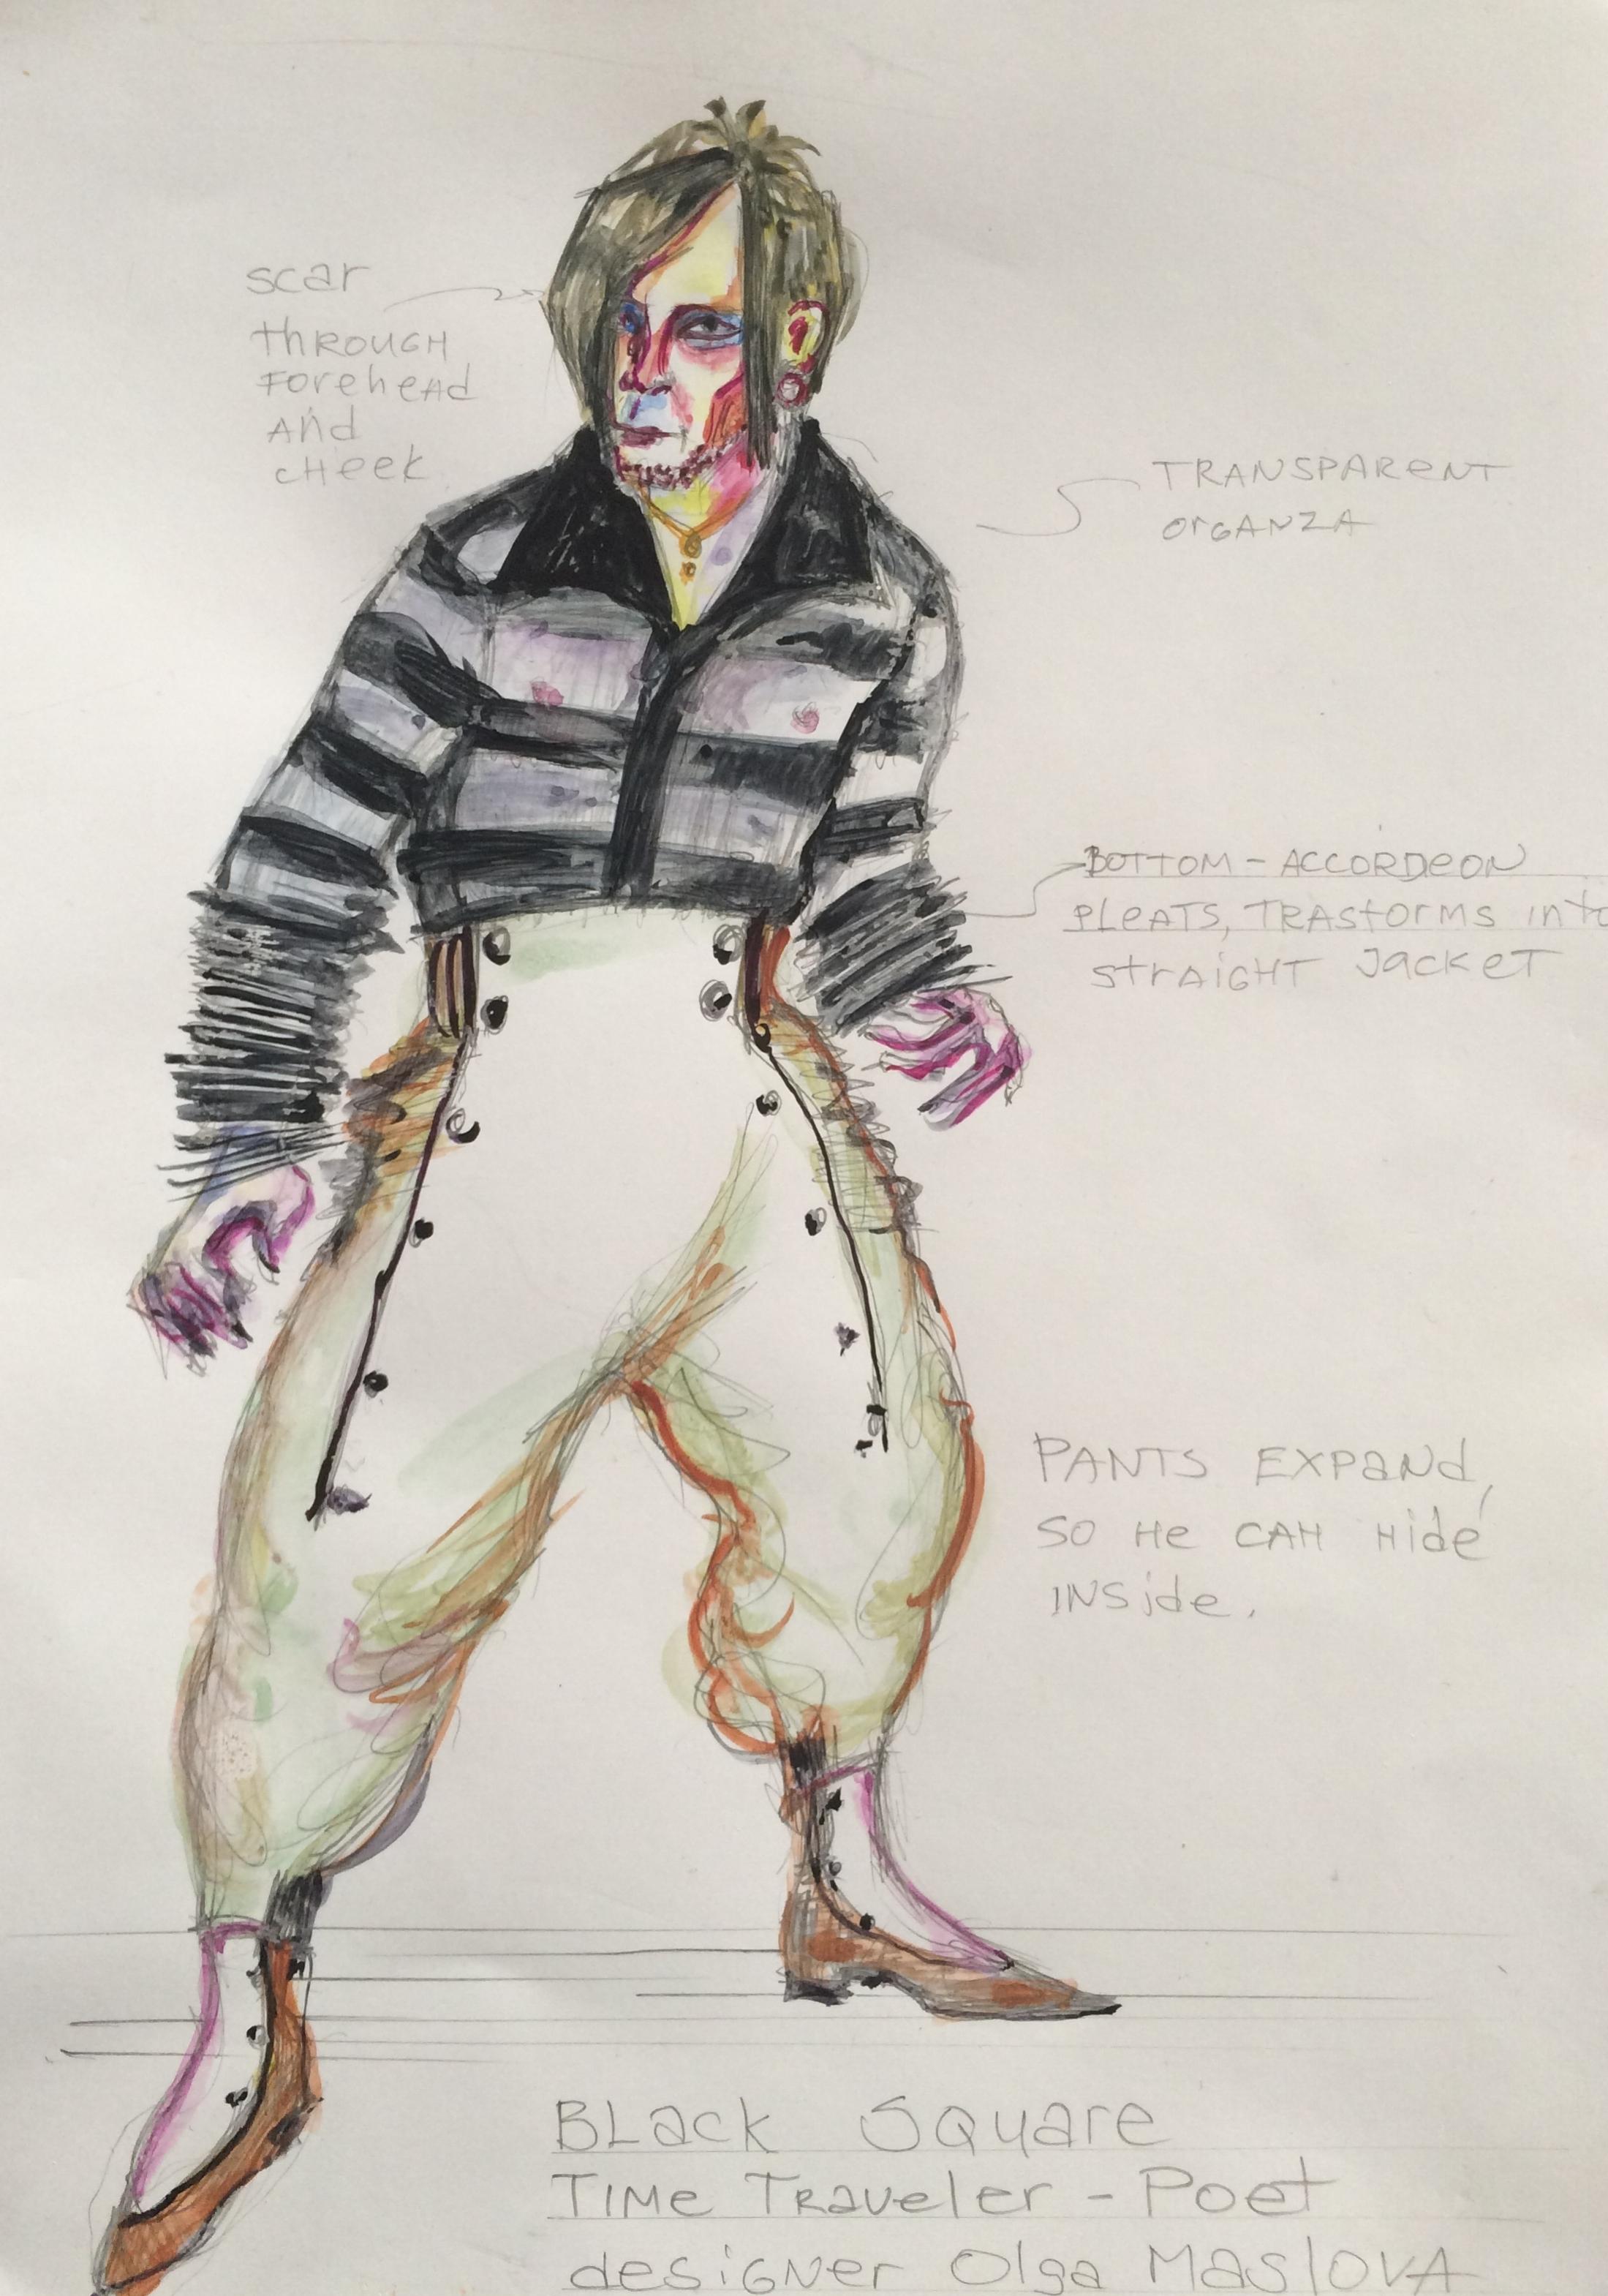 Time Traveler, costume sketch by Olga Maslova